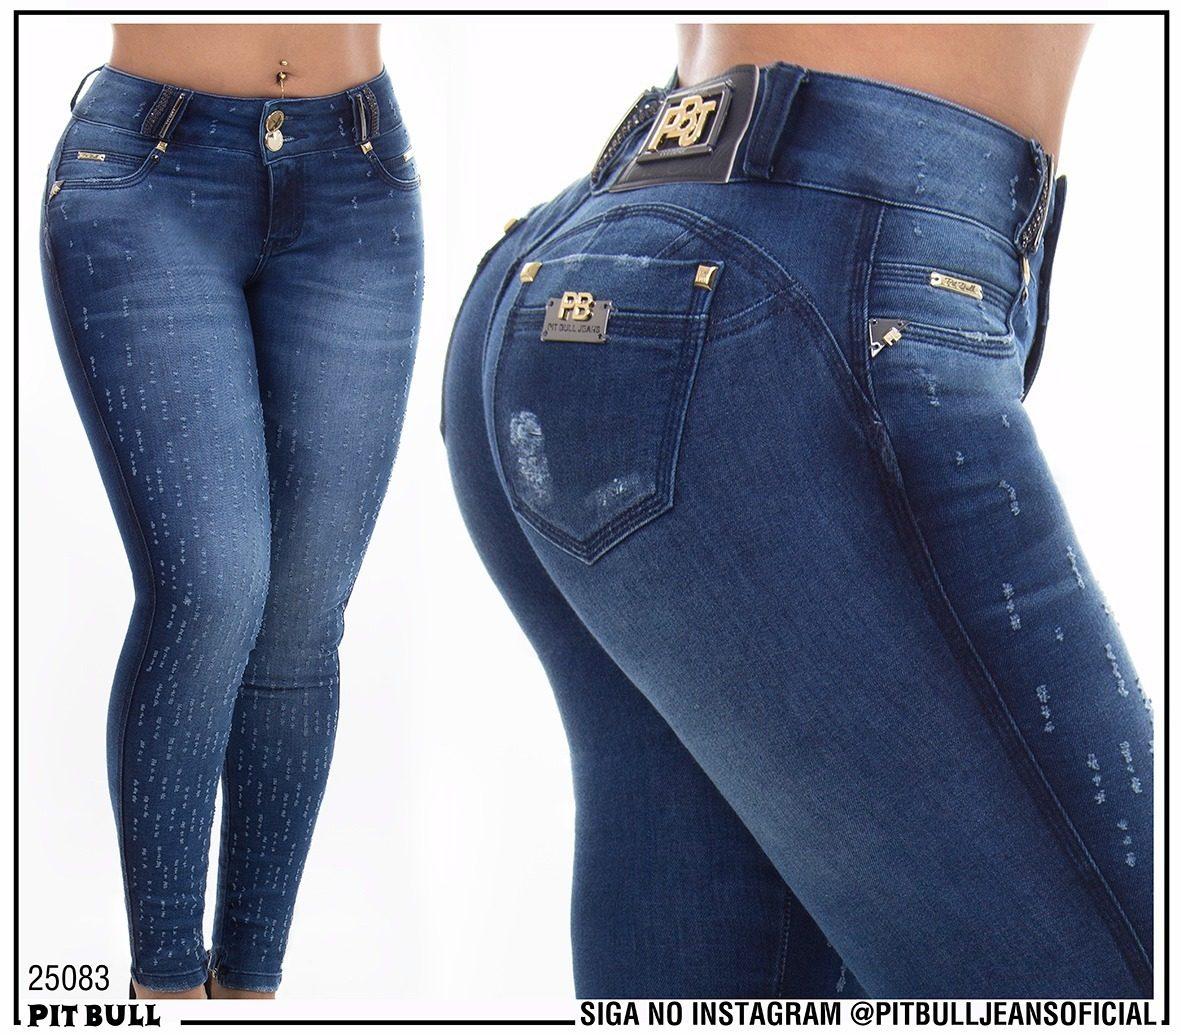 dea5d4355 Calça Jeans Pitbull Estilo Rhero Promoção Ref 25083 - R$ 279,99 em ...